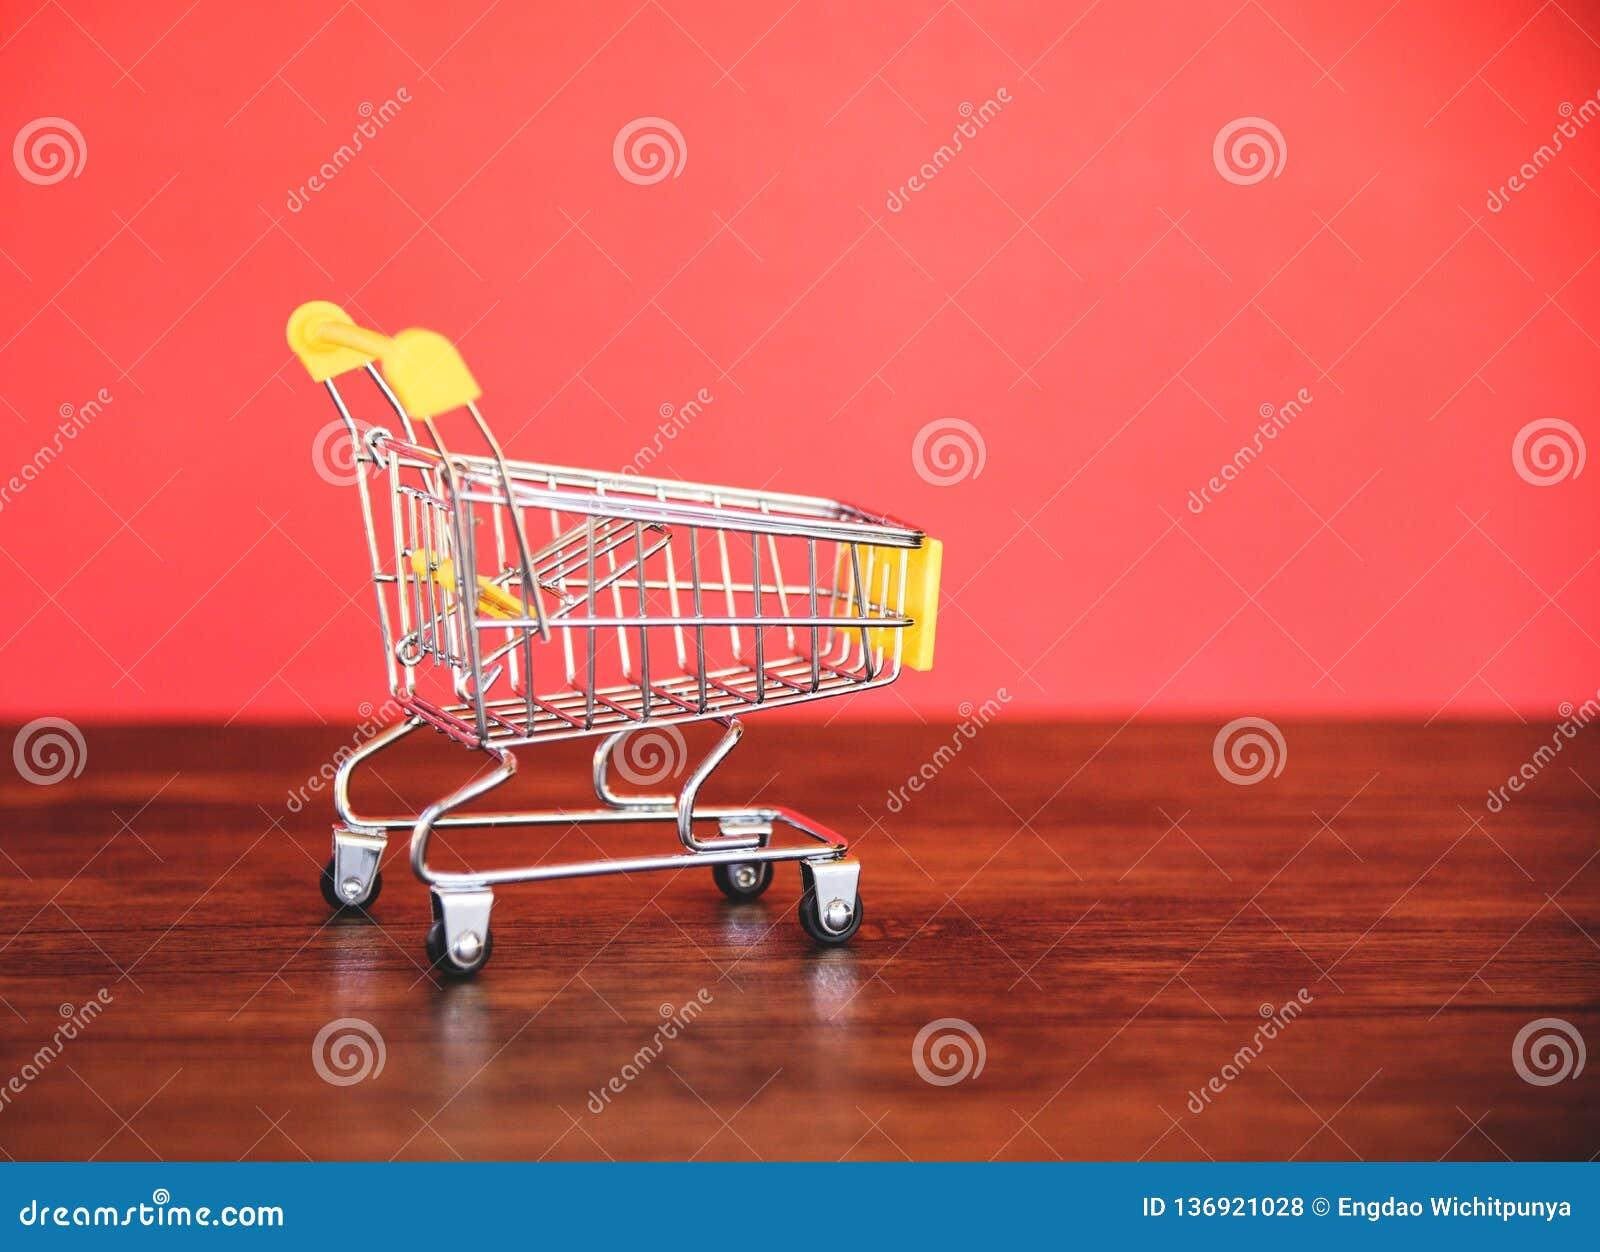 Wózek na zakupy na drewnianym, Online robić zakupy Black Friday pojęcie z żółtym wózkiem na zakupy na czerwieni/